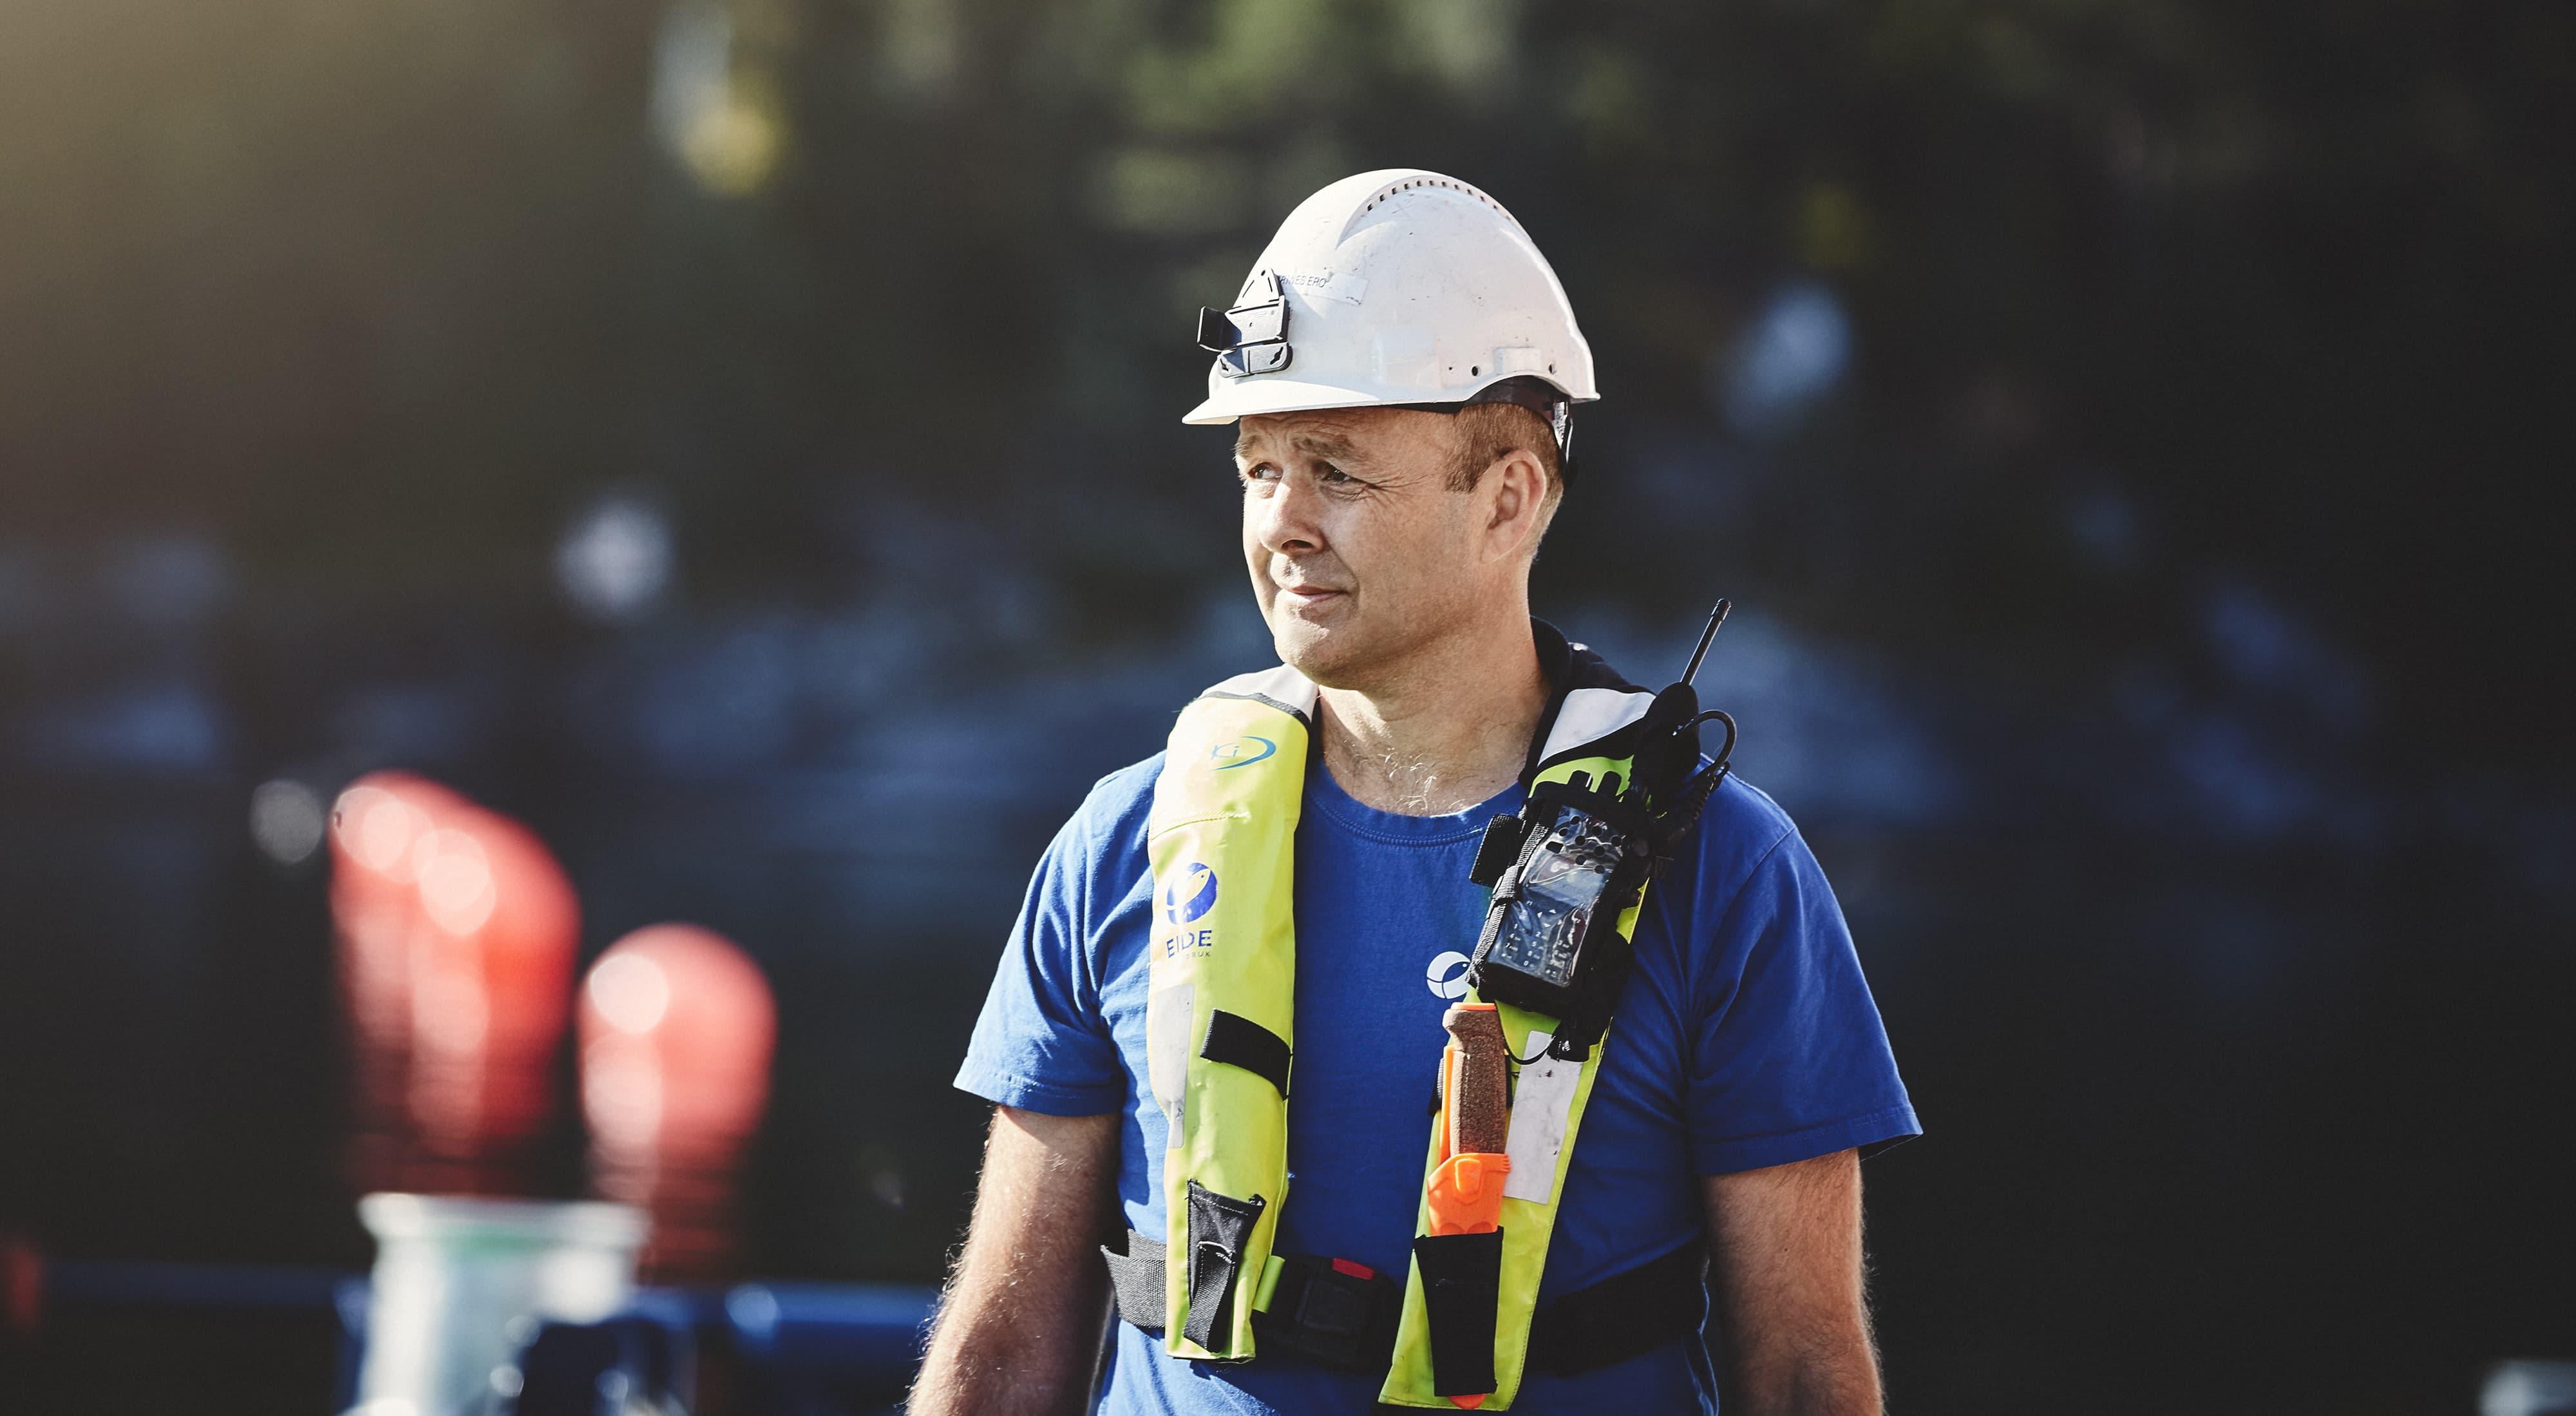 Andreas Kleiberg – Eide Fjordbruk